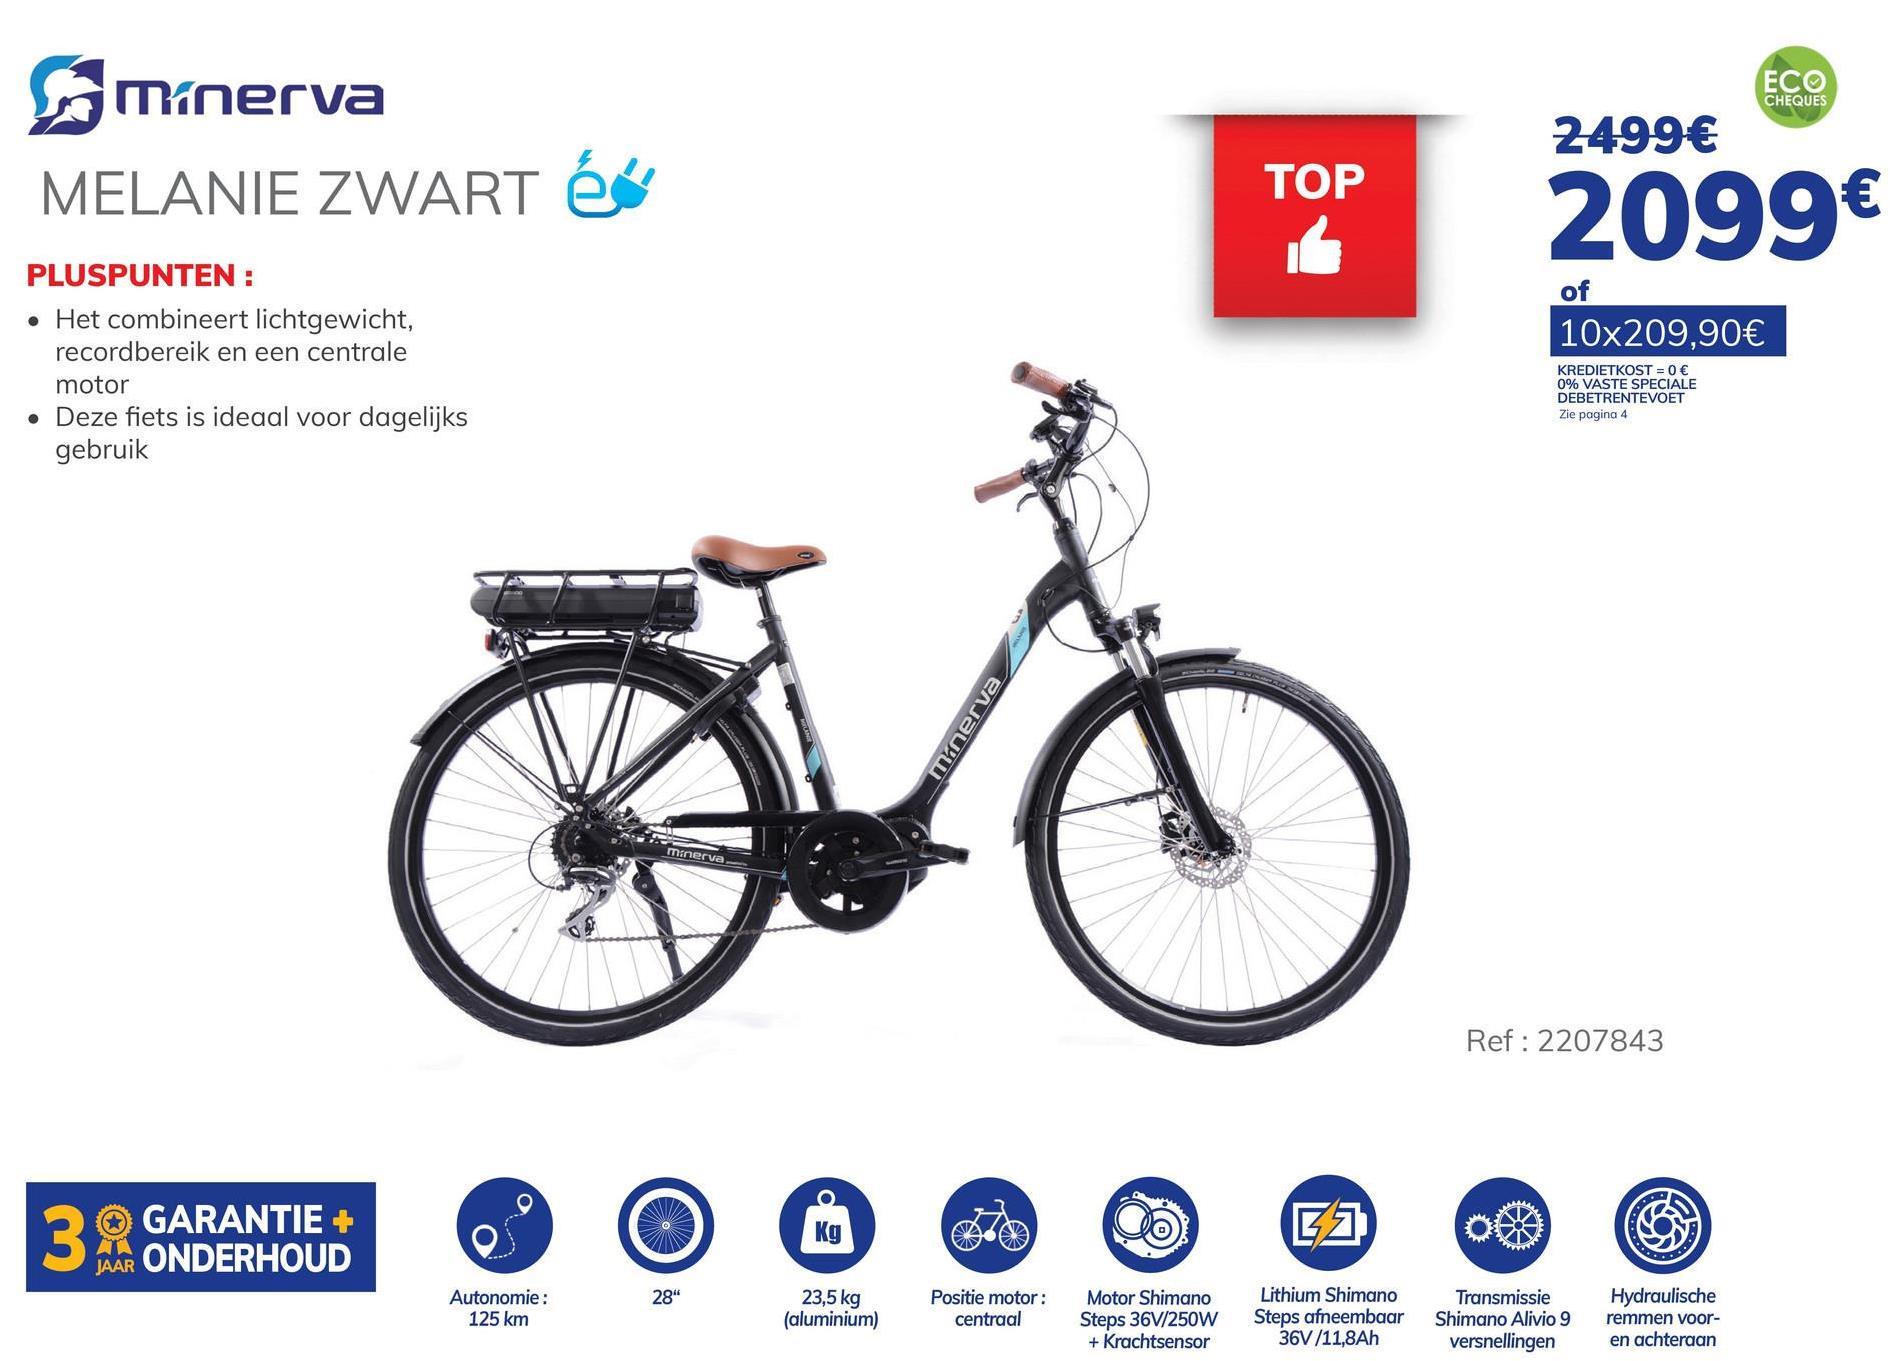 """ECO Minerva CHEQUES 2499€ MELANIE ZWART éé TOP 2099€ PLUSPUNTEN: of 10x209,90€ • Het combineert lichtgewicht, recordbereik en een centrale motor . Deze fiets is ideaal voor dagelijks gebruik KREDIETKOST = 0 € 0% VASTE SPECIALE DEBETRENTEVOET Zie pagina 4 minerva minerva Ref: 2207843 O 3. GARANTIE GARANTIE + ONDERHOUD kg JO 28"""" Autonomie: 125 km 23,5 kg (aluminium) Positie motor: centraal Motor Shimano Steps 36V/250W + Krachtsensor Lithium Shimano Steps afneembaar 36V /11,8Ah Transmissie Shimano Alivio 9 versnellingen Hydraulische remmen voor- en achteraan"""